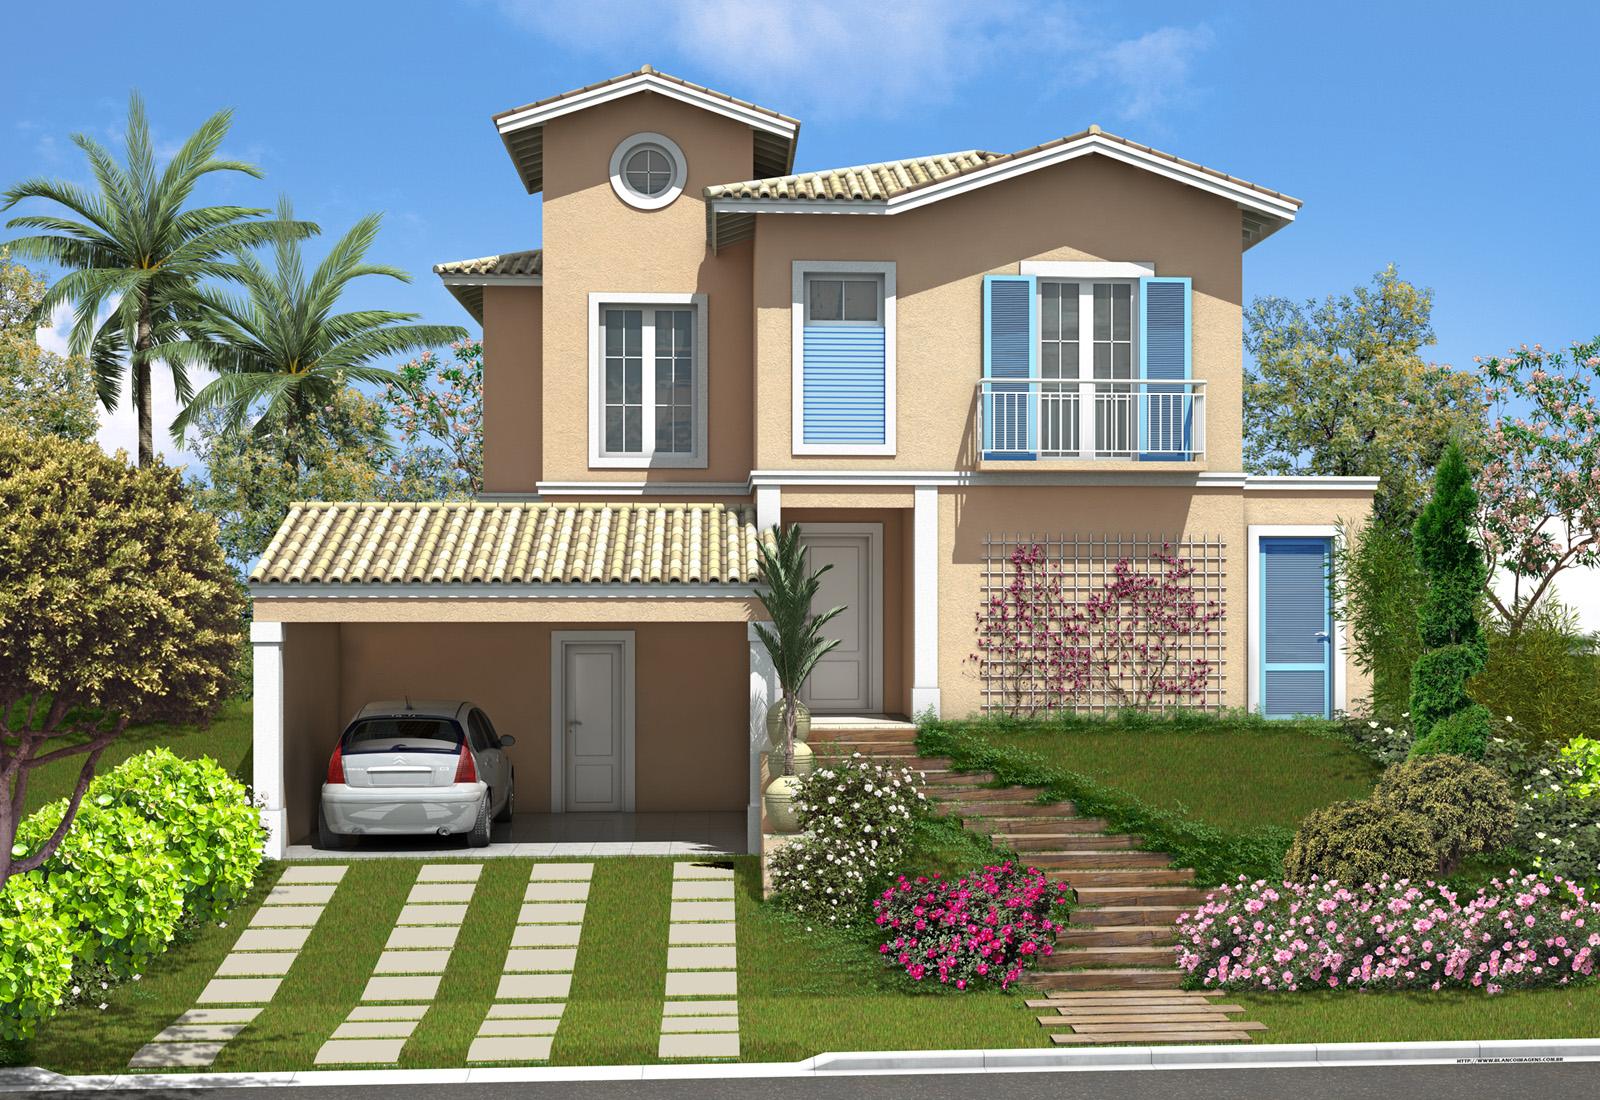 Casas muito bonitas coisas pra ver for Ver jardines de casas pequenas